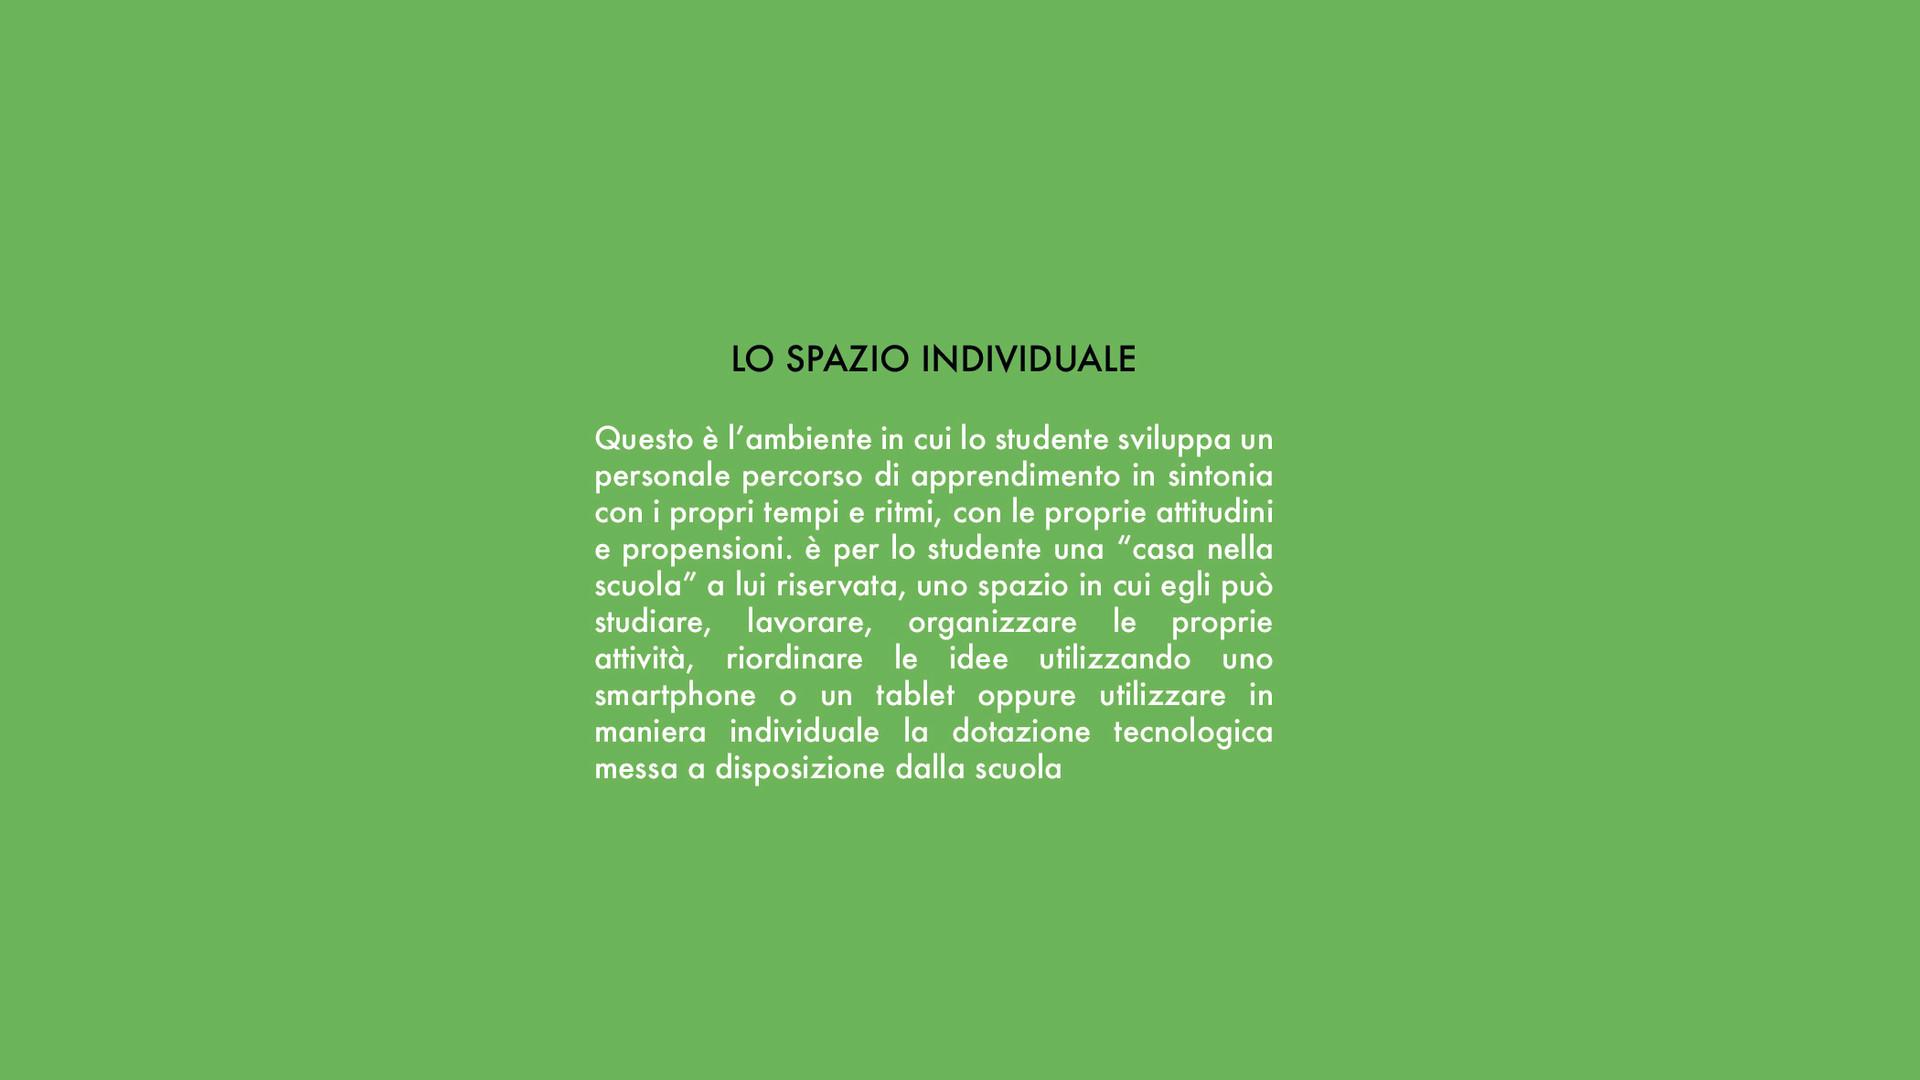 lo spazio individuale